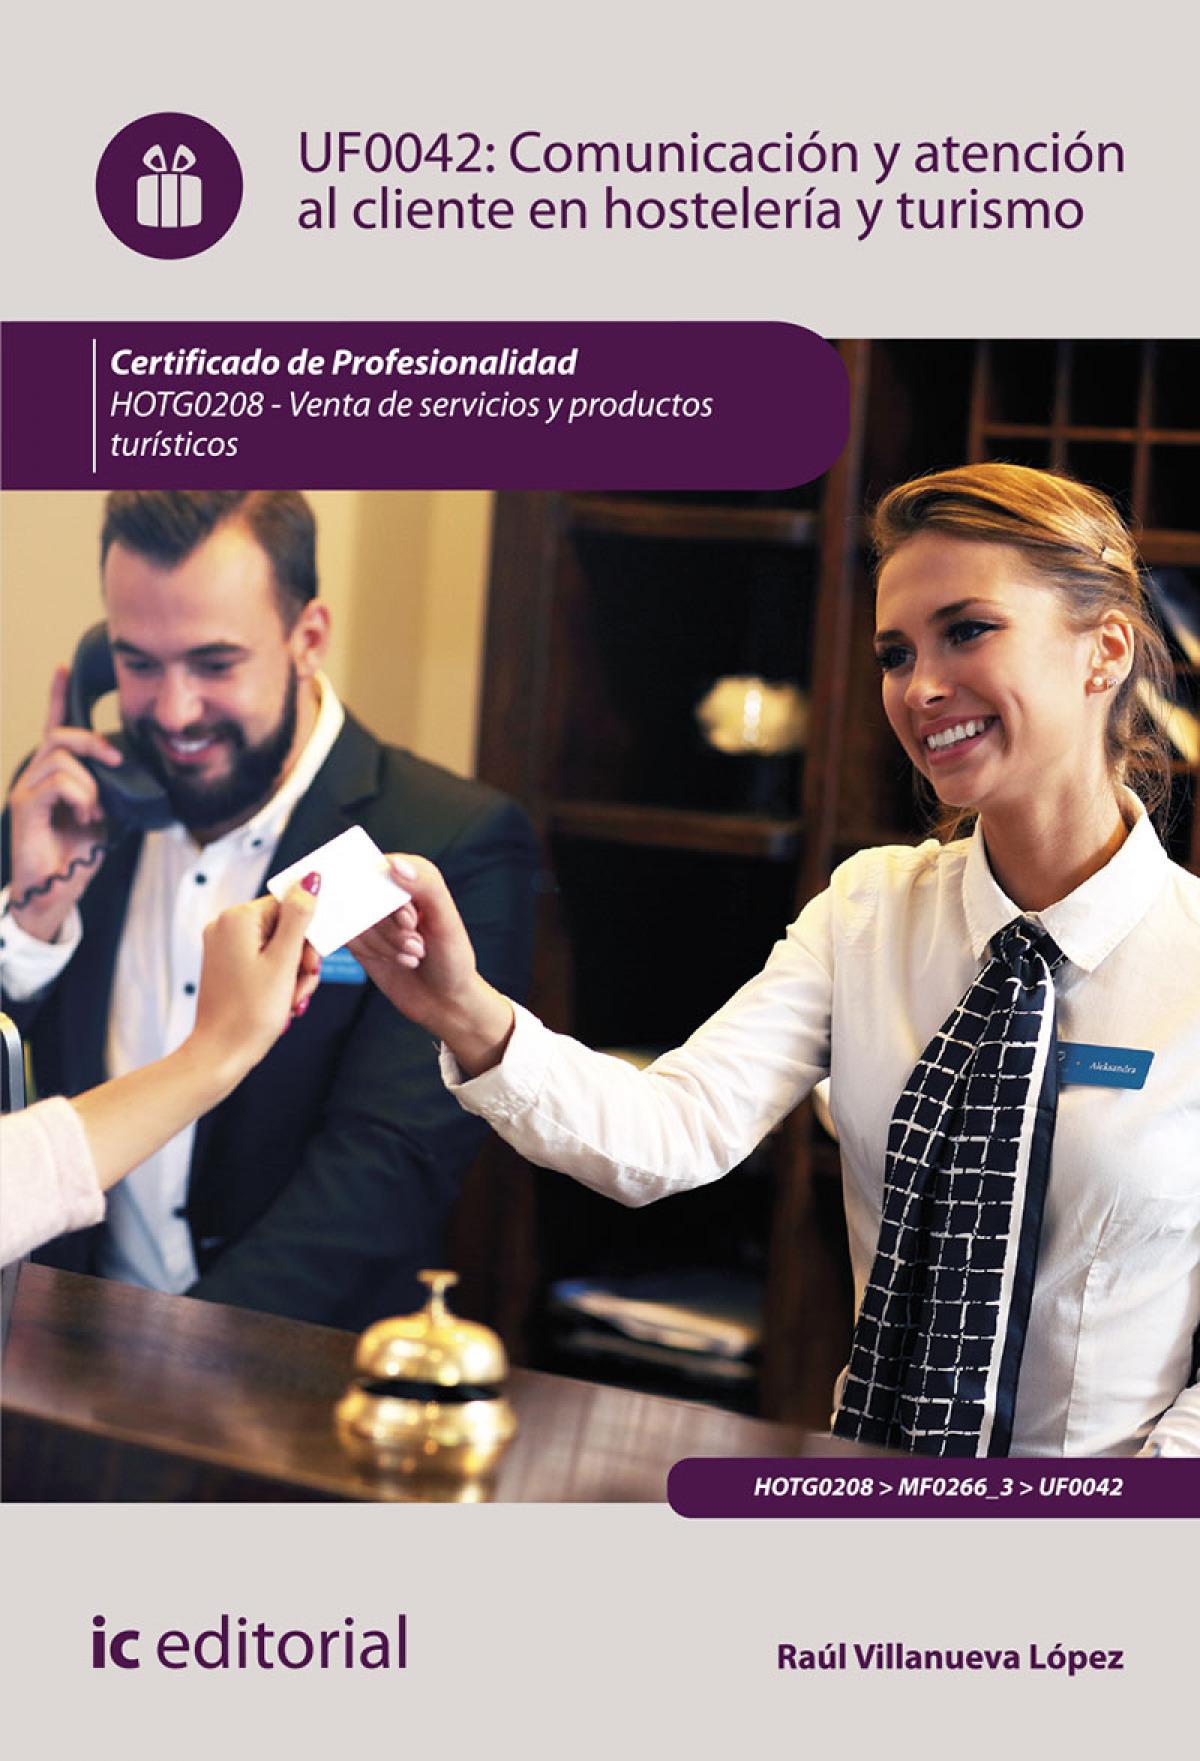 Comunicación y atención al cliente en hostelería y turismo. HOTG0208 - Venta de productos y servicios turísticos